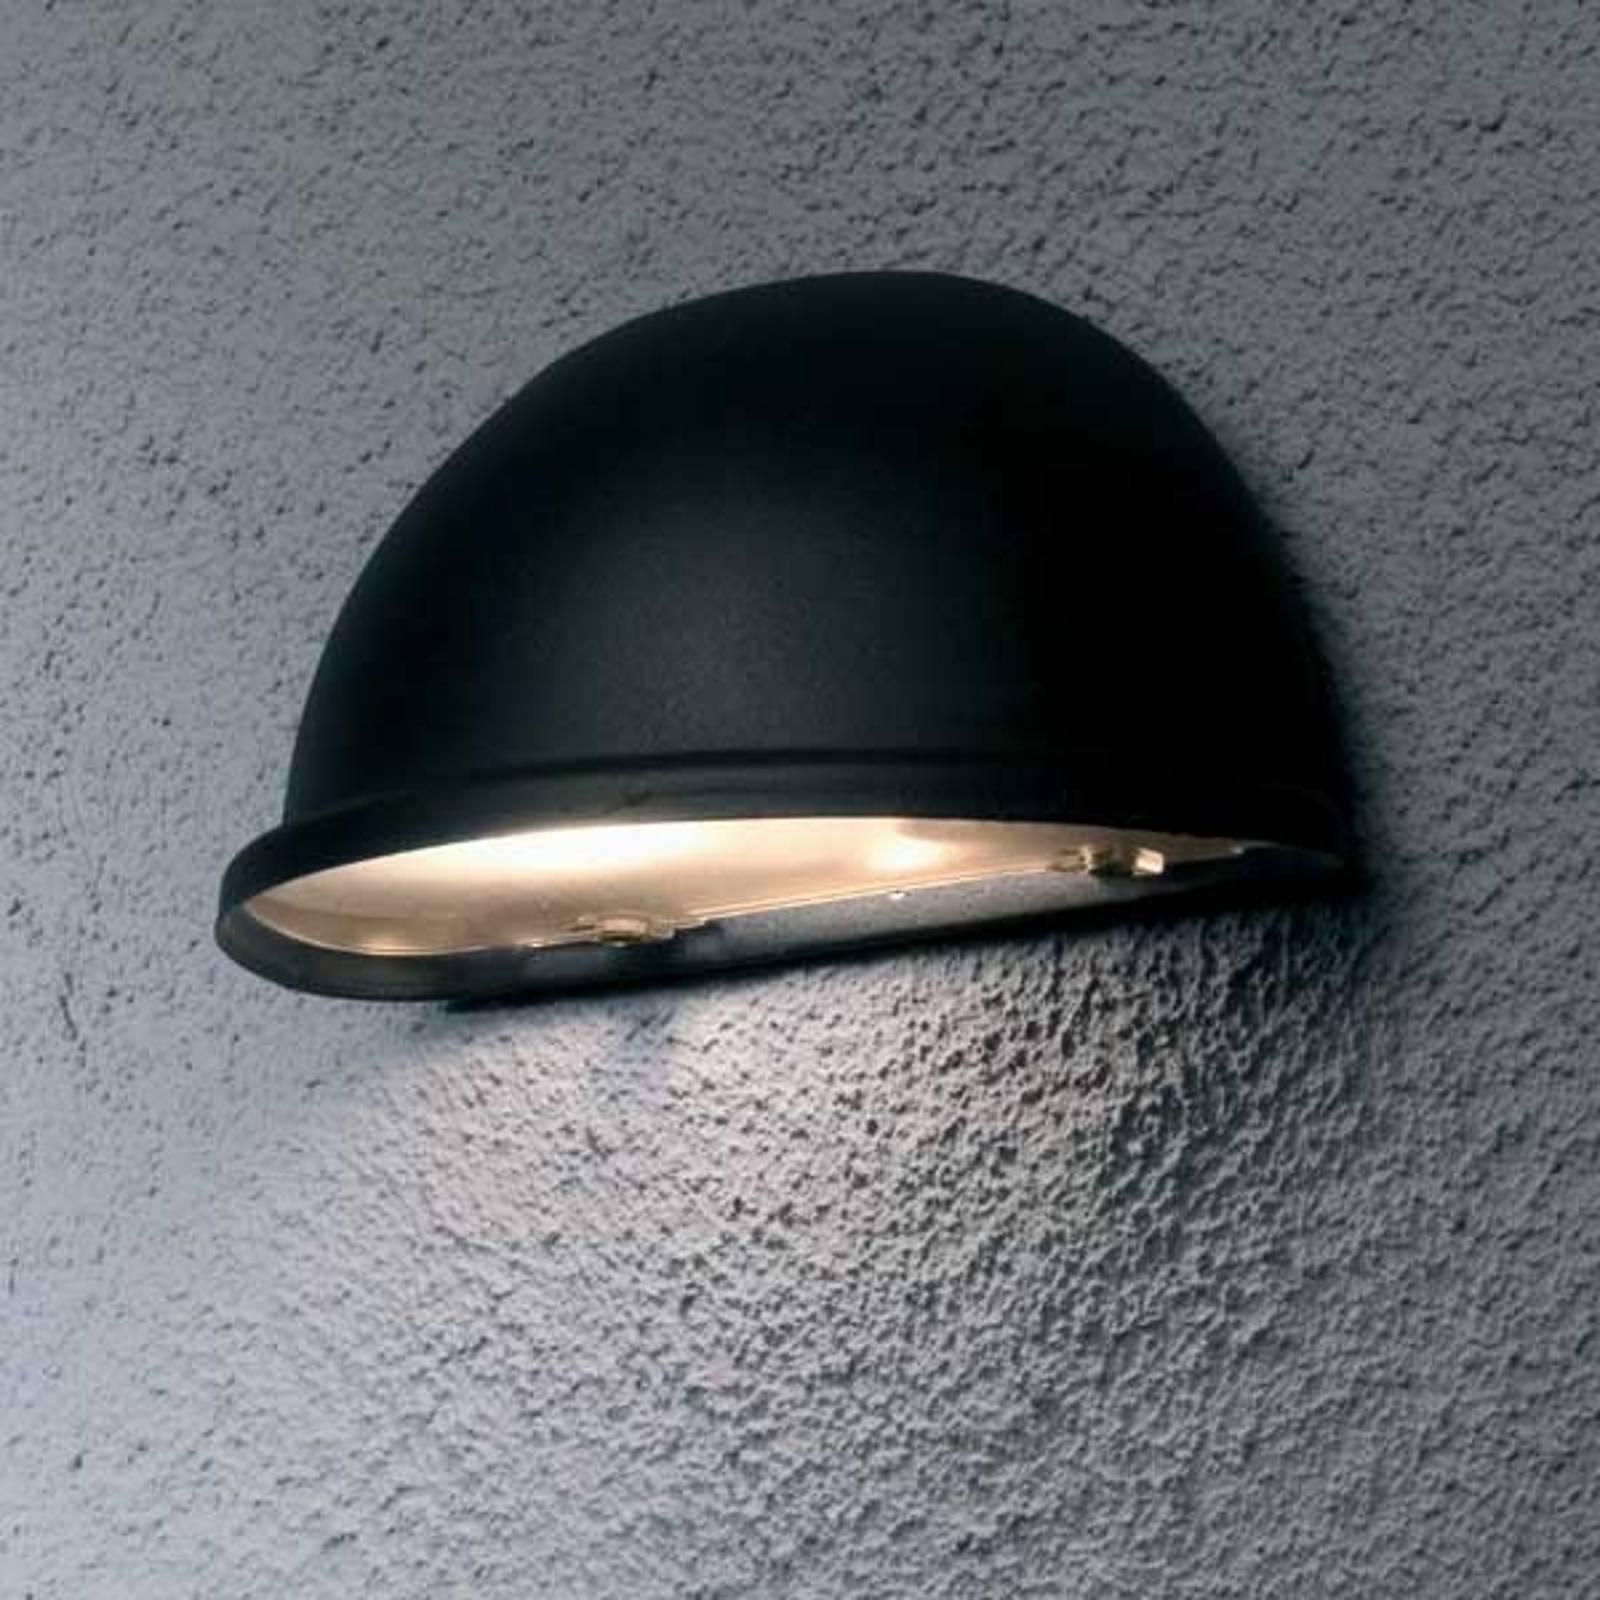 Zewnętrzna lampa ścienna TORINO E14, czarna